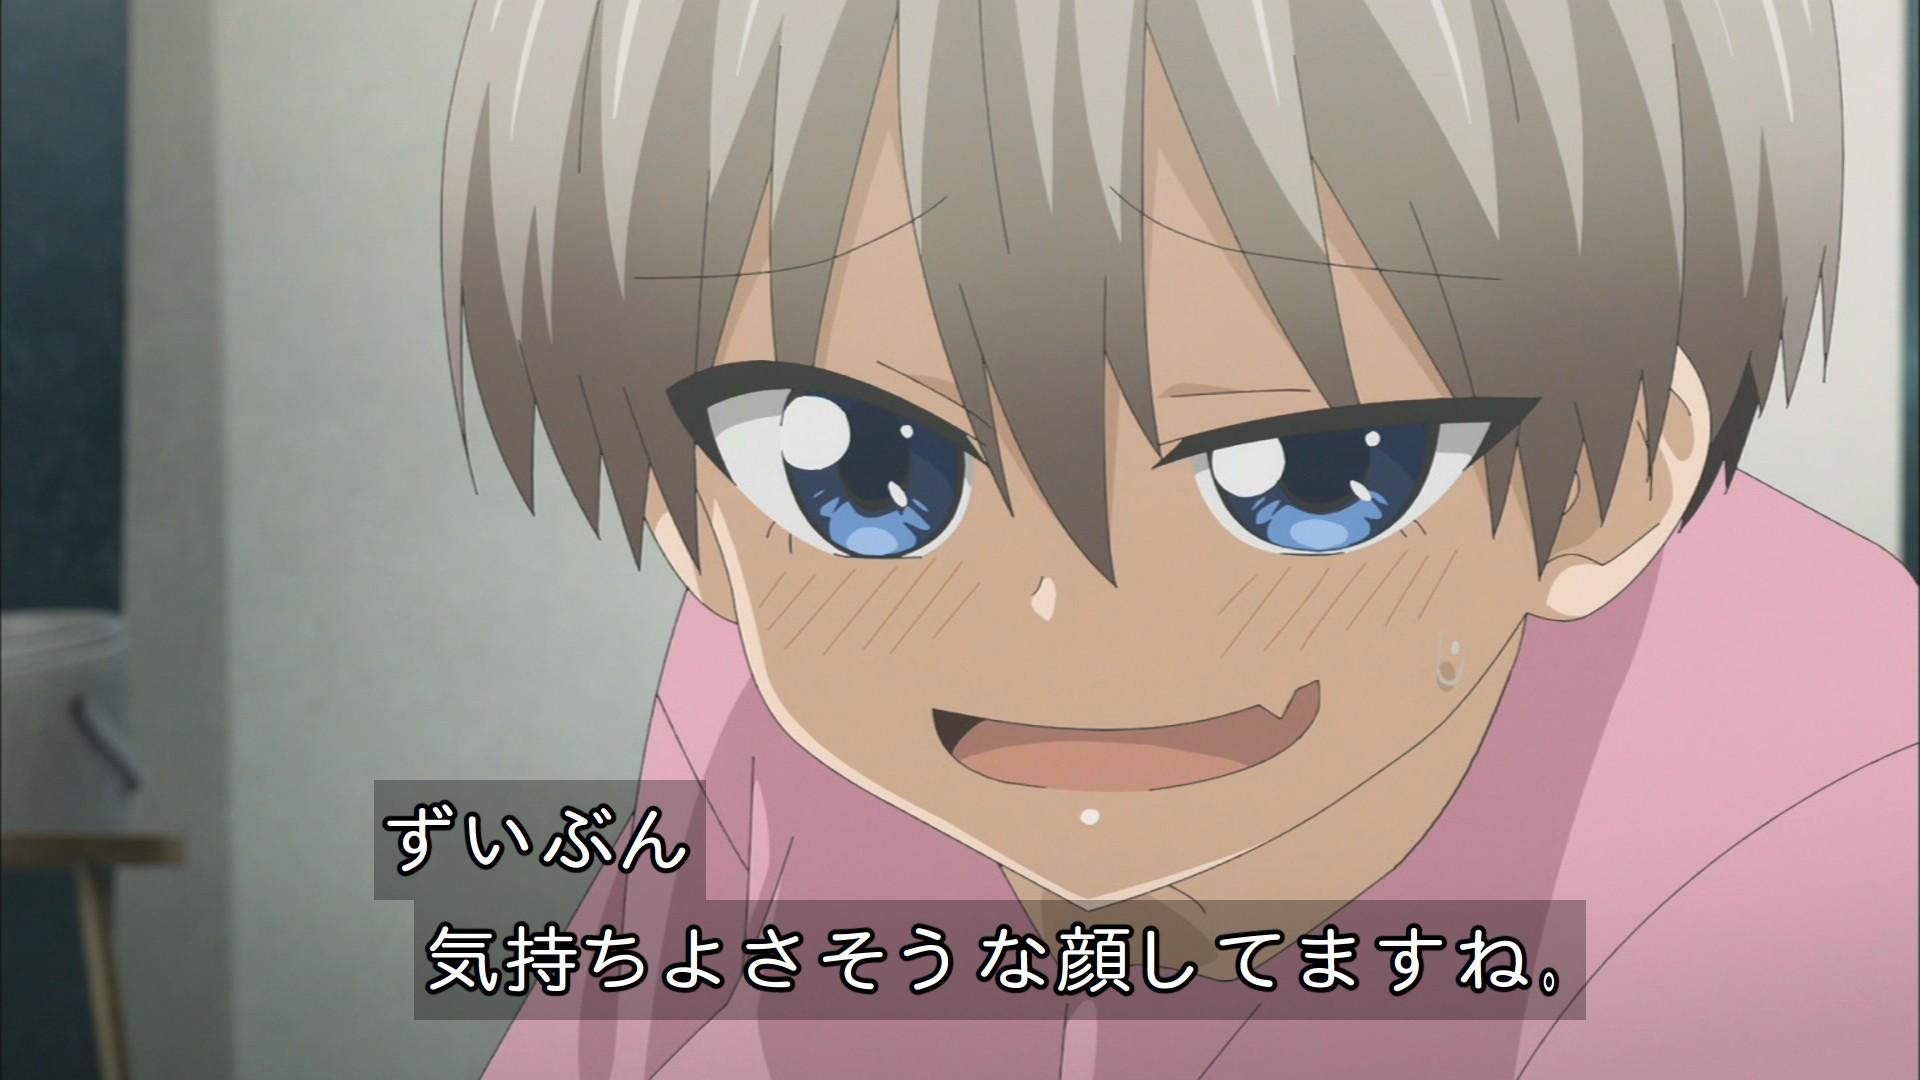 【終】『宇崎ちゃんは遊びたい!』12話(最終話)感想・・・最後まで宇崎ちゃんはウザ可愛いヒロインだった!  そして早くも2期決定イイイイイイイイ!!!